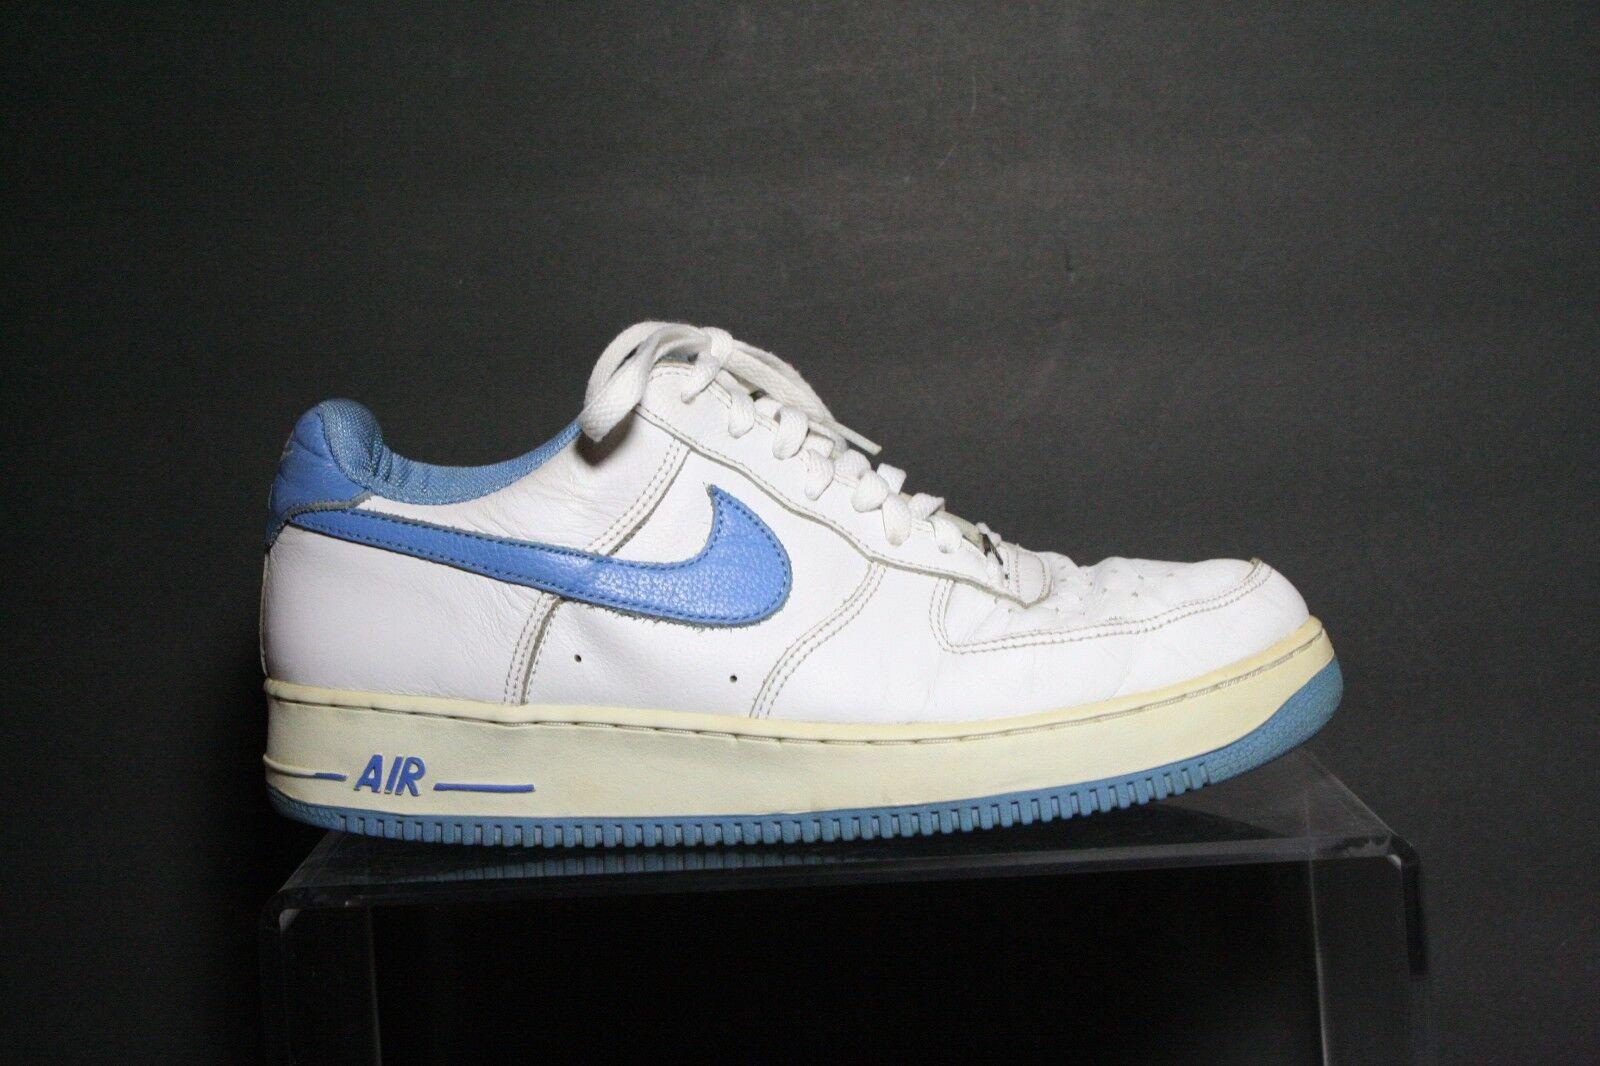 Nike air force 1 02